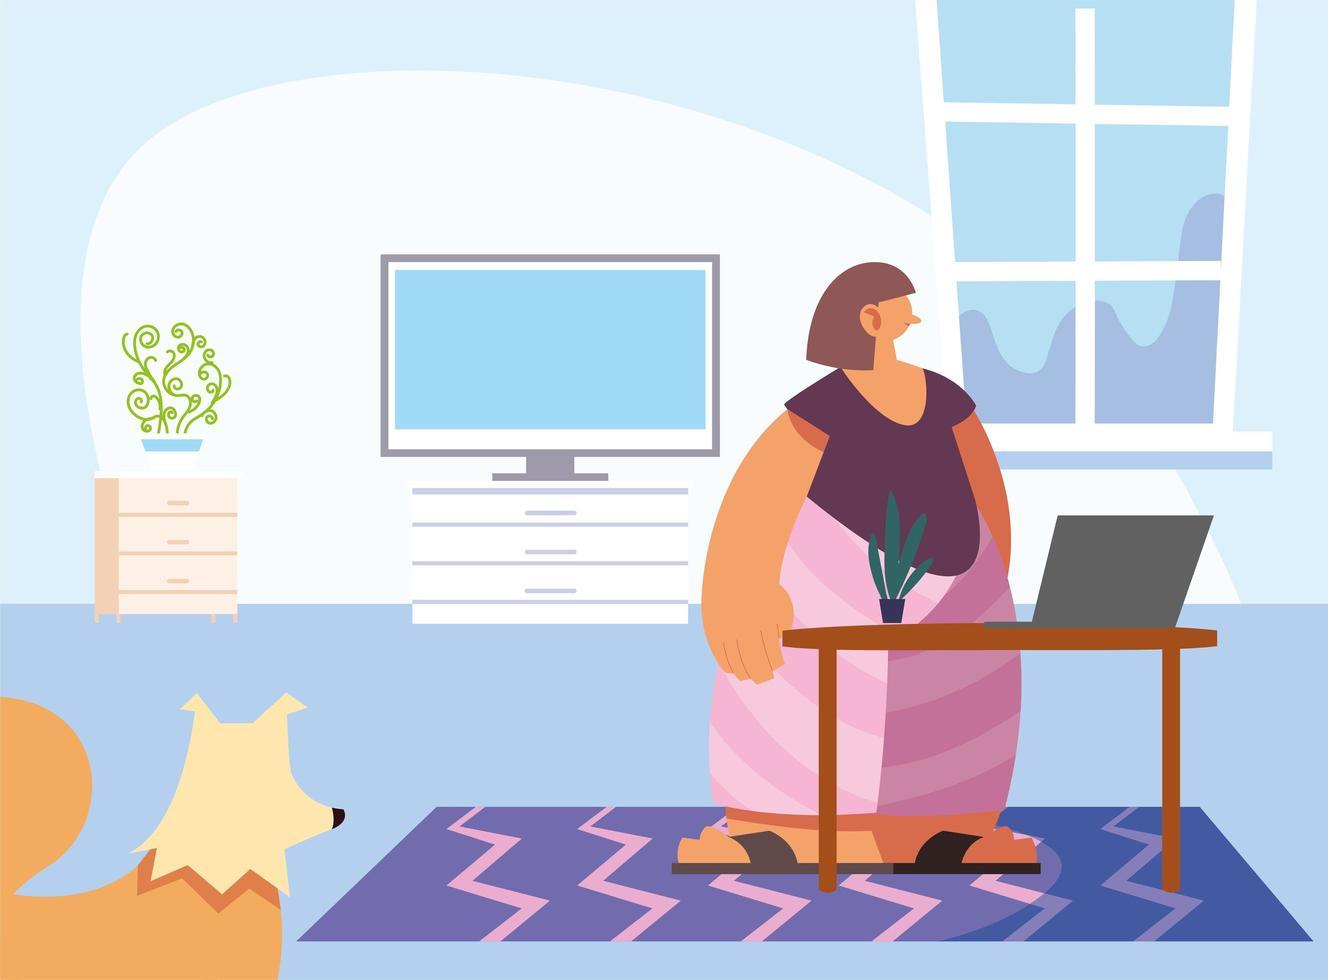 vrouw en huisdier in huis vector